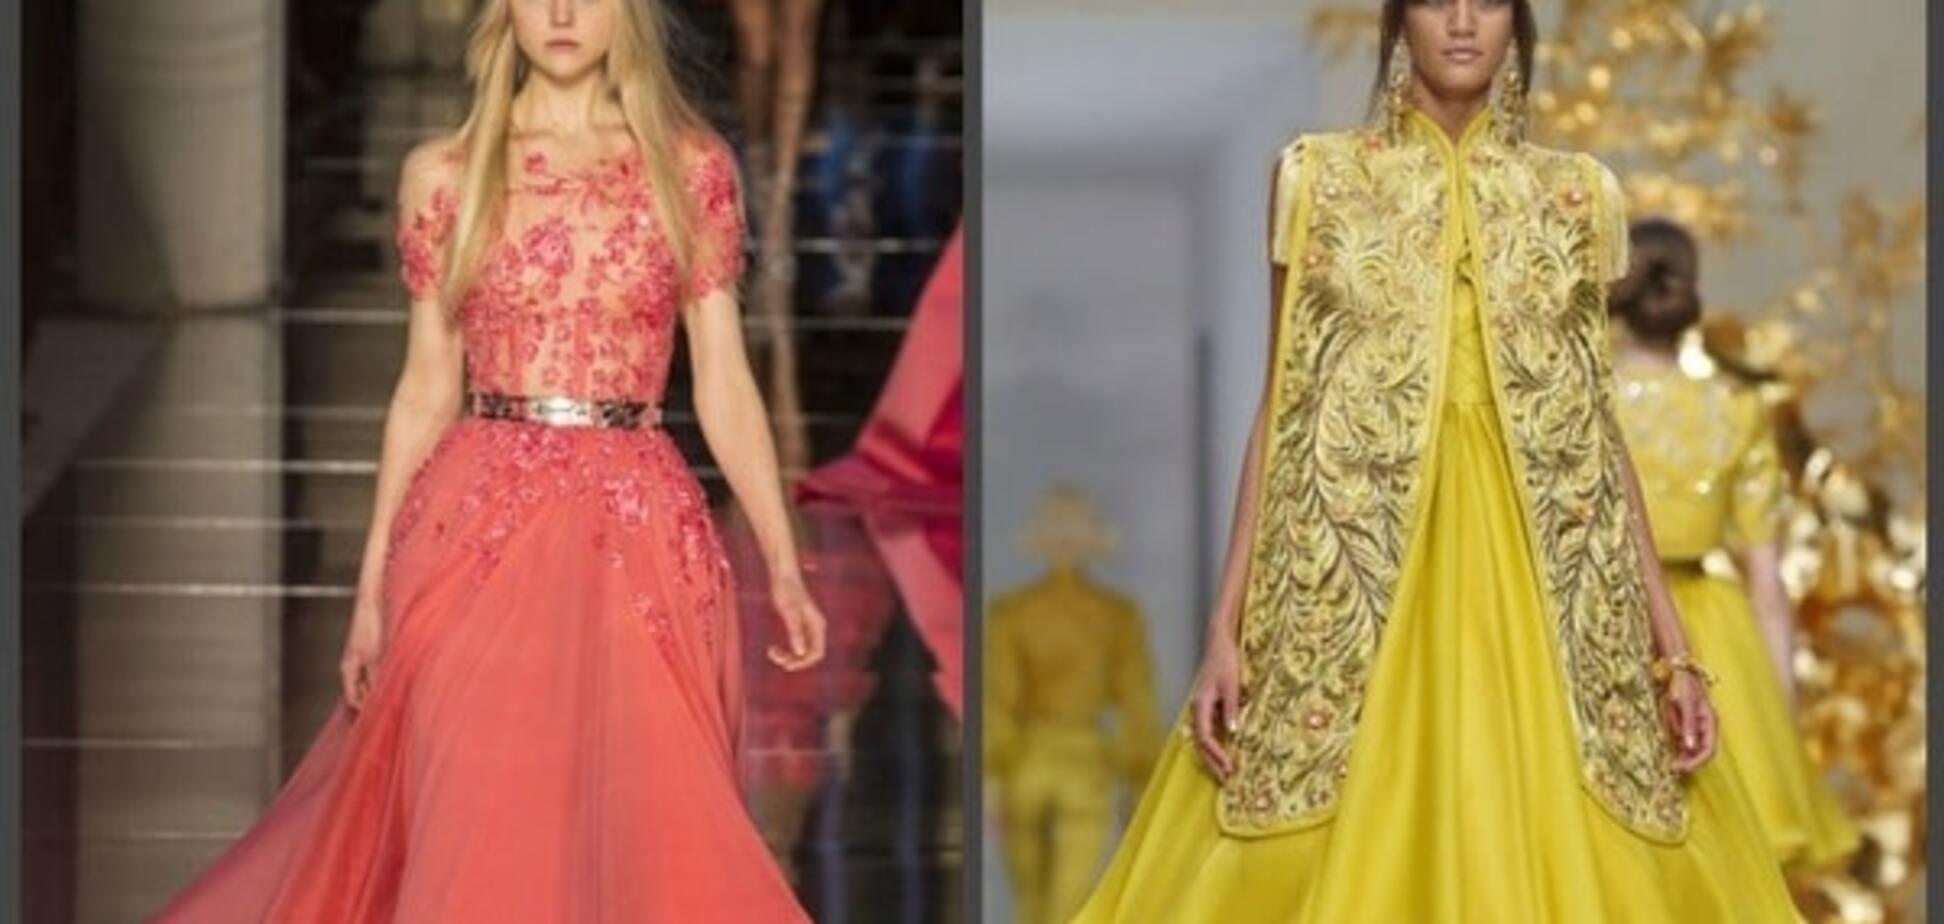 Тиждень високої моди в Парижі: найяскравіші і вражаючі вбрання